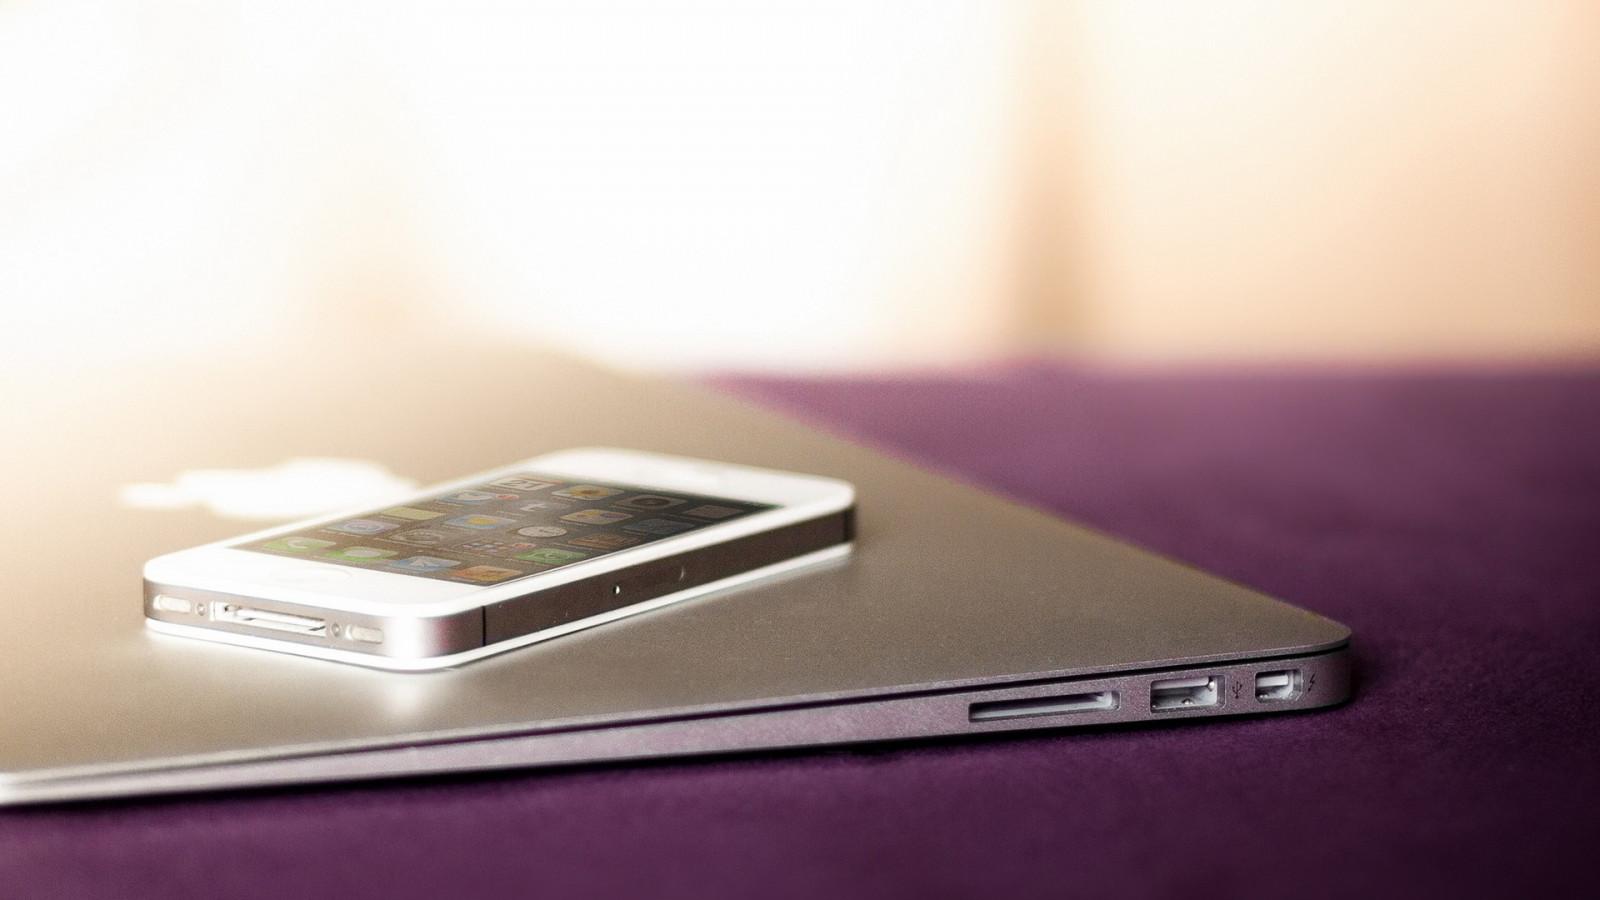 デスクトップ壁紙 Iphone 5 マックブック 林檎 1920x1080